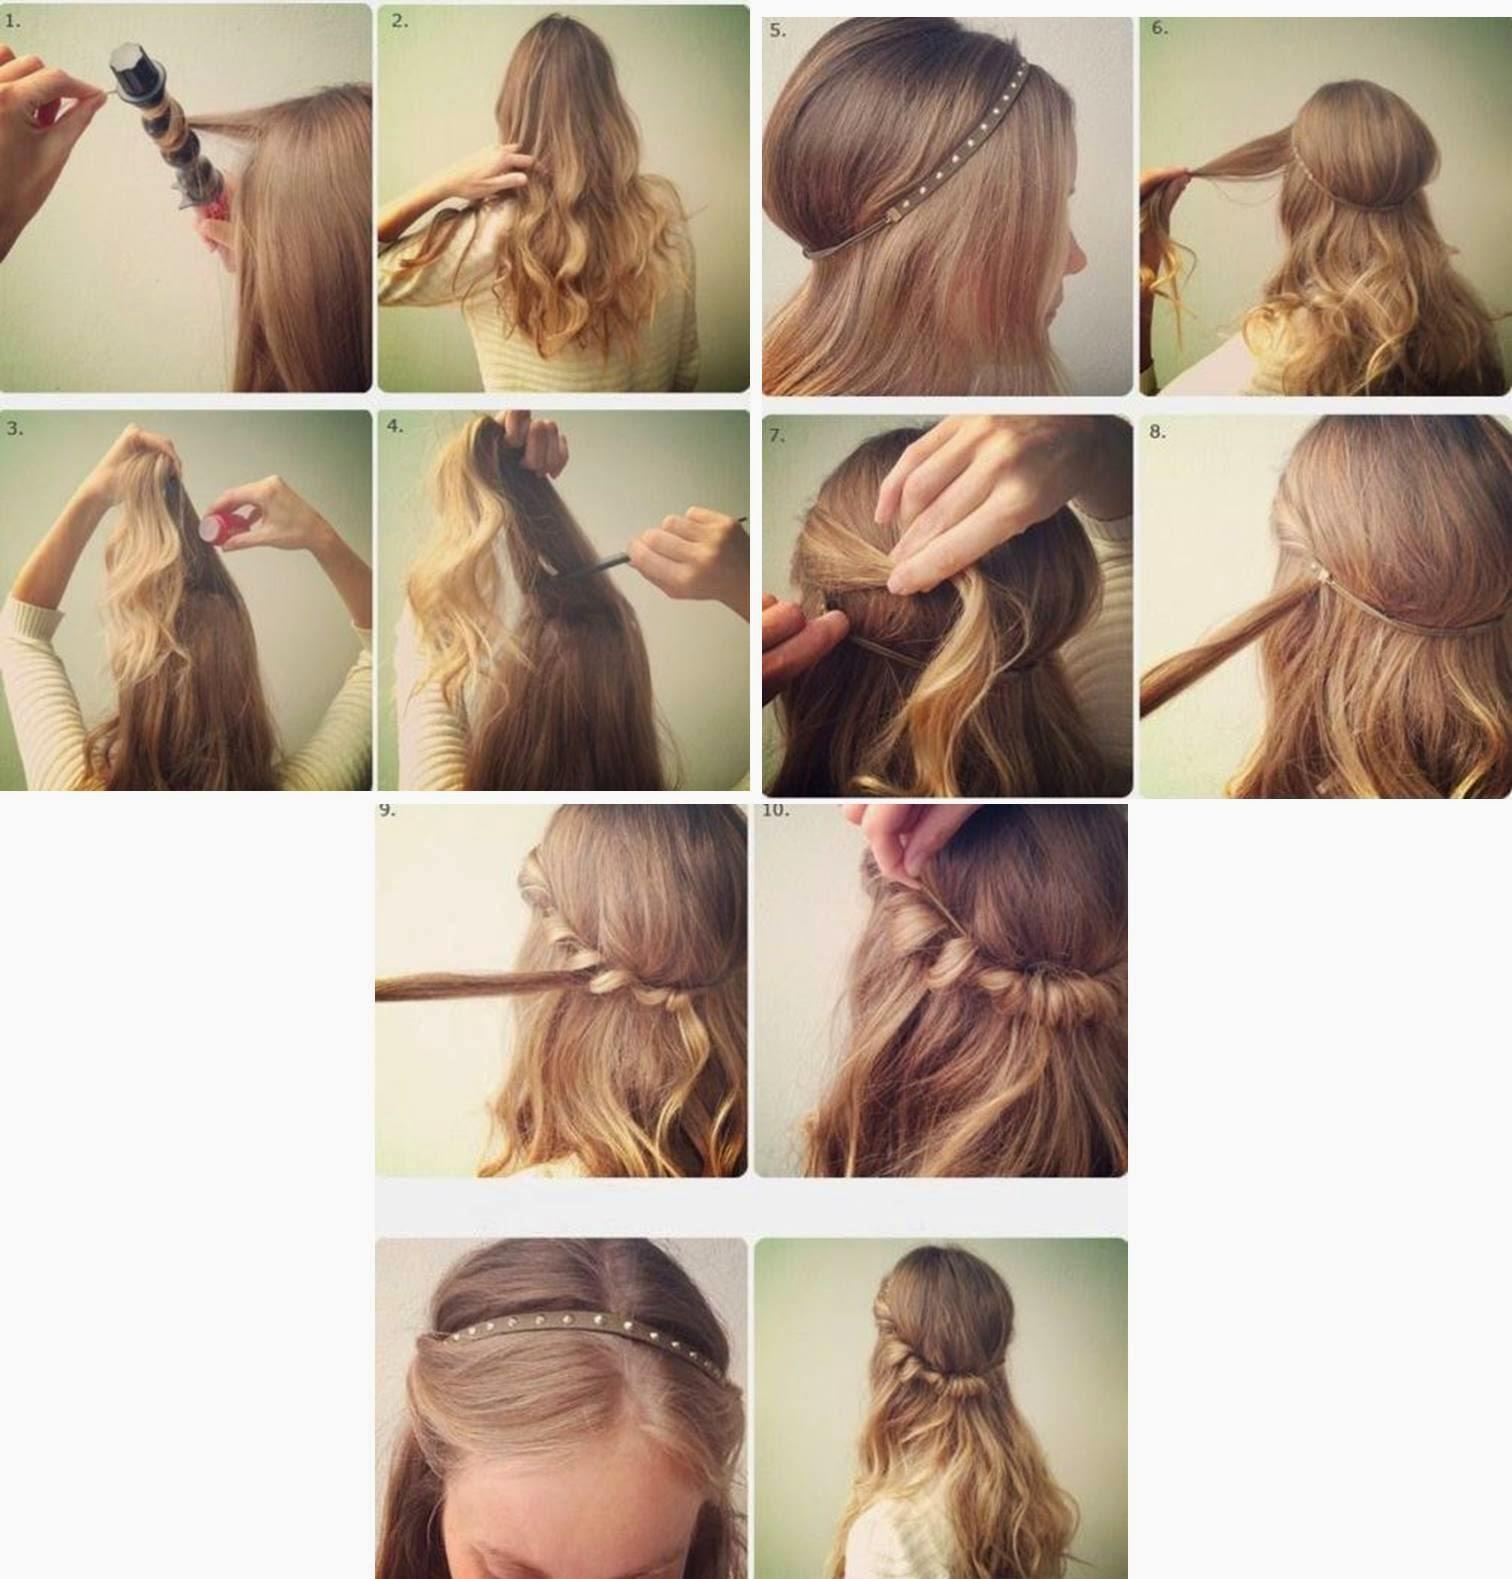 3 Peinados Faciles y Rapidos para extensiones y cabello natural  - Peinados Para Extensiones Largas